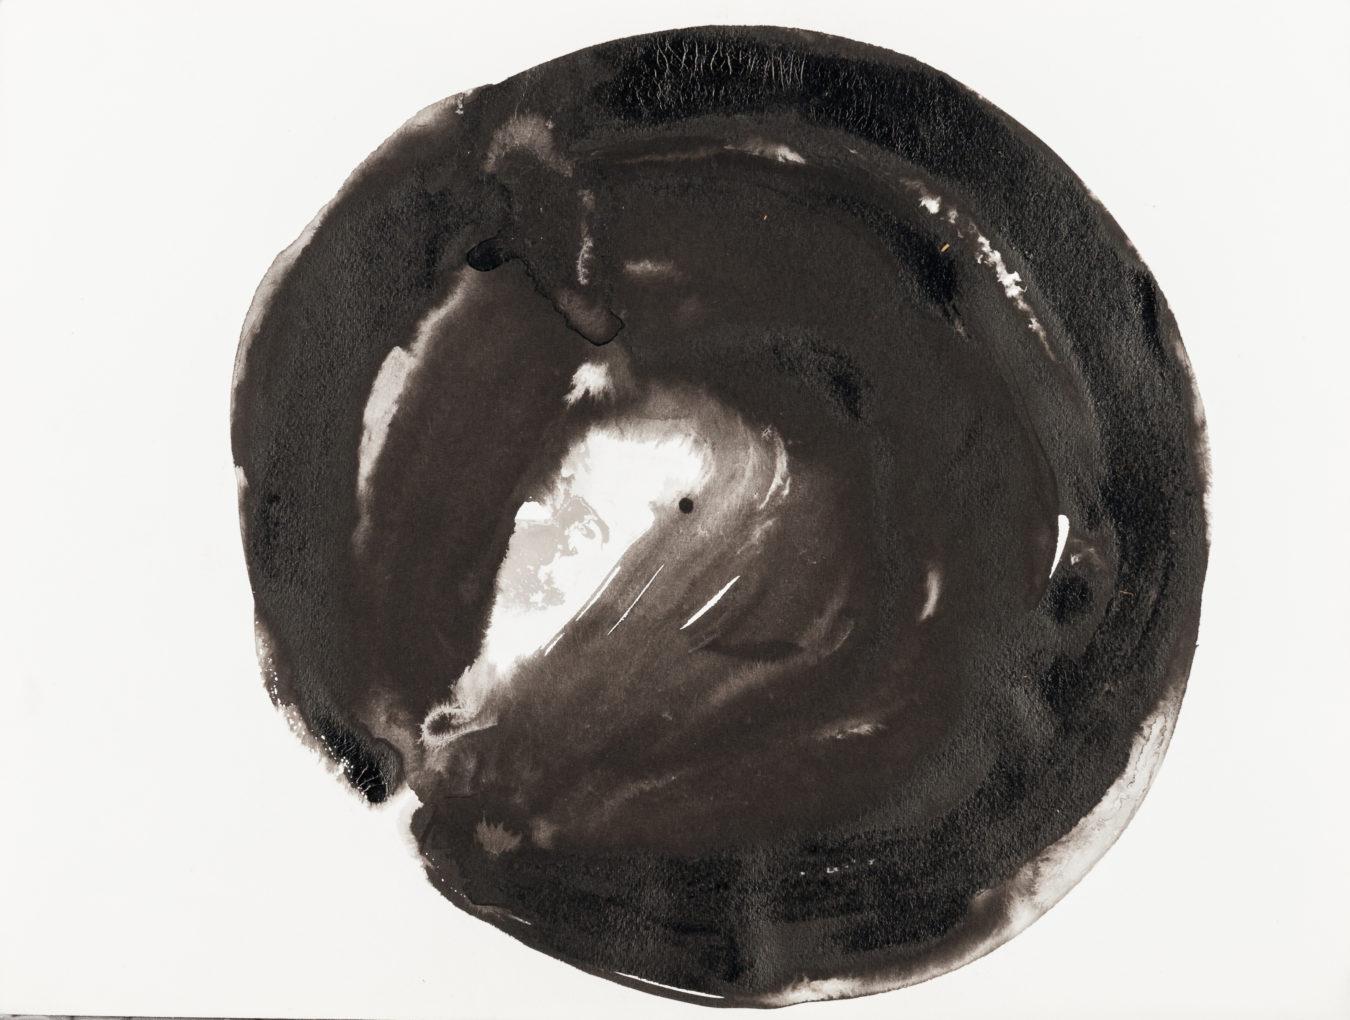 Magdalena Abakanowicz, Z cyklu: Oko, 2006, rysunek tuszem chińskim, 31 x 23 cm, niesygnowany. Dar Pana Jana Kosmowskiego.